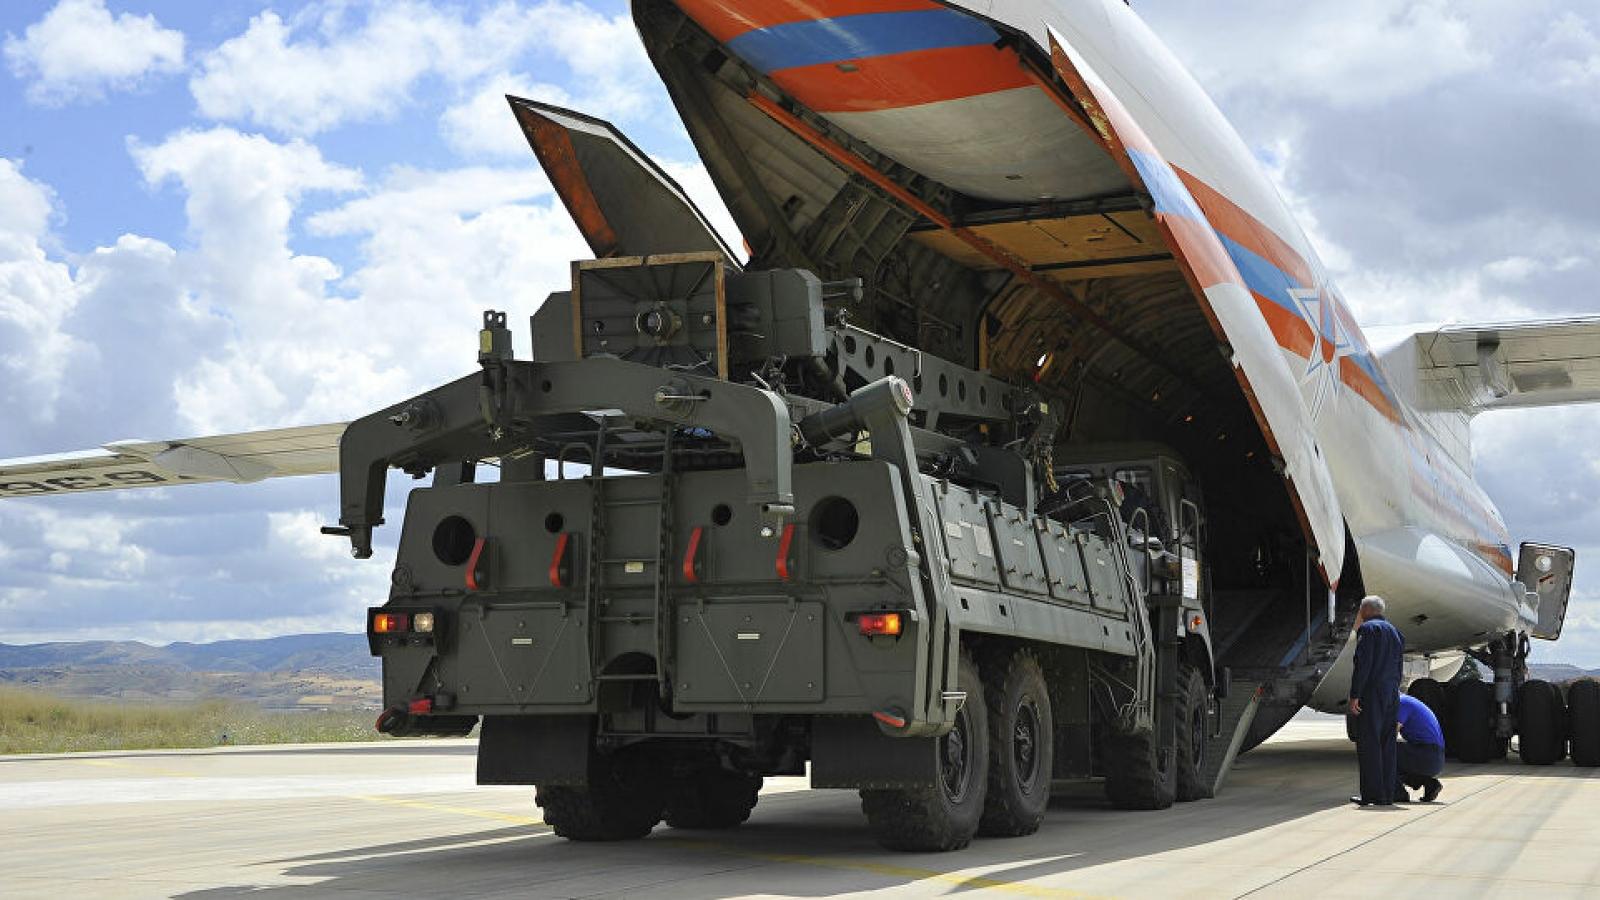 Lầu Năm Góc lại thúc giục Thổ Nhĩ Kỳ từ bỏ hệ thống S-400 của Nga